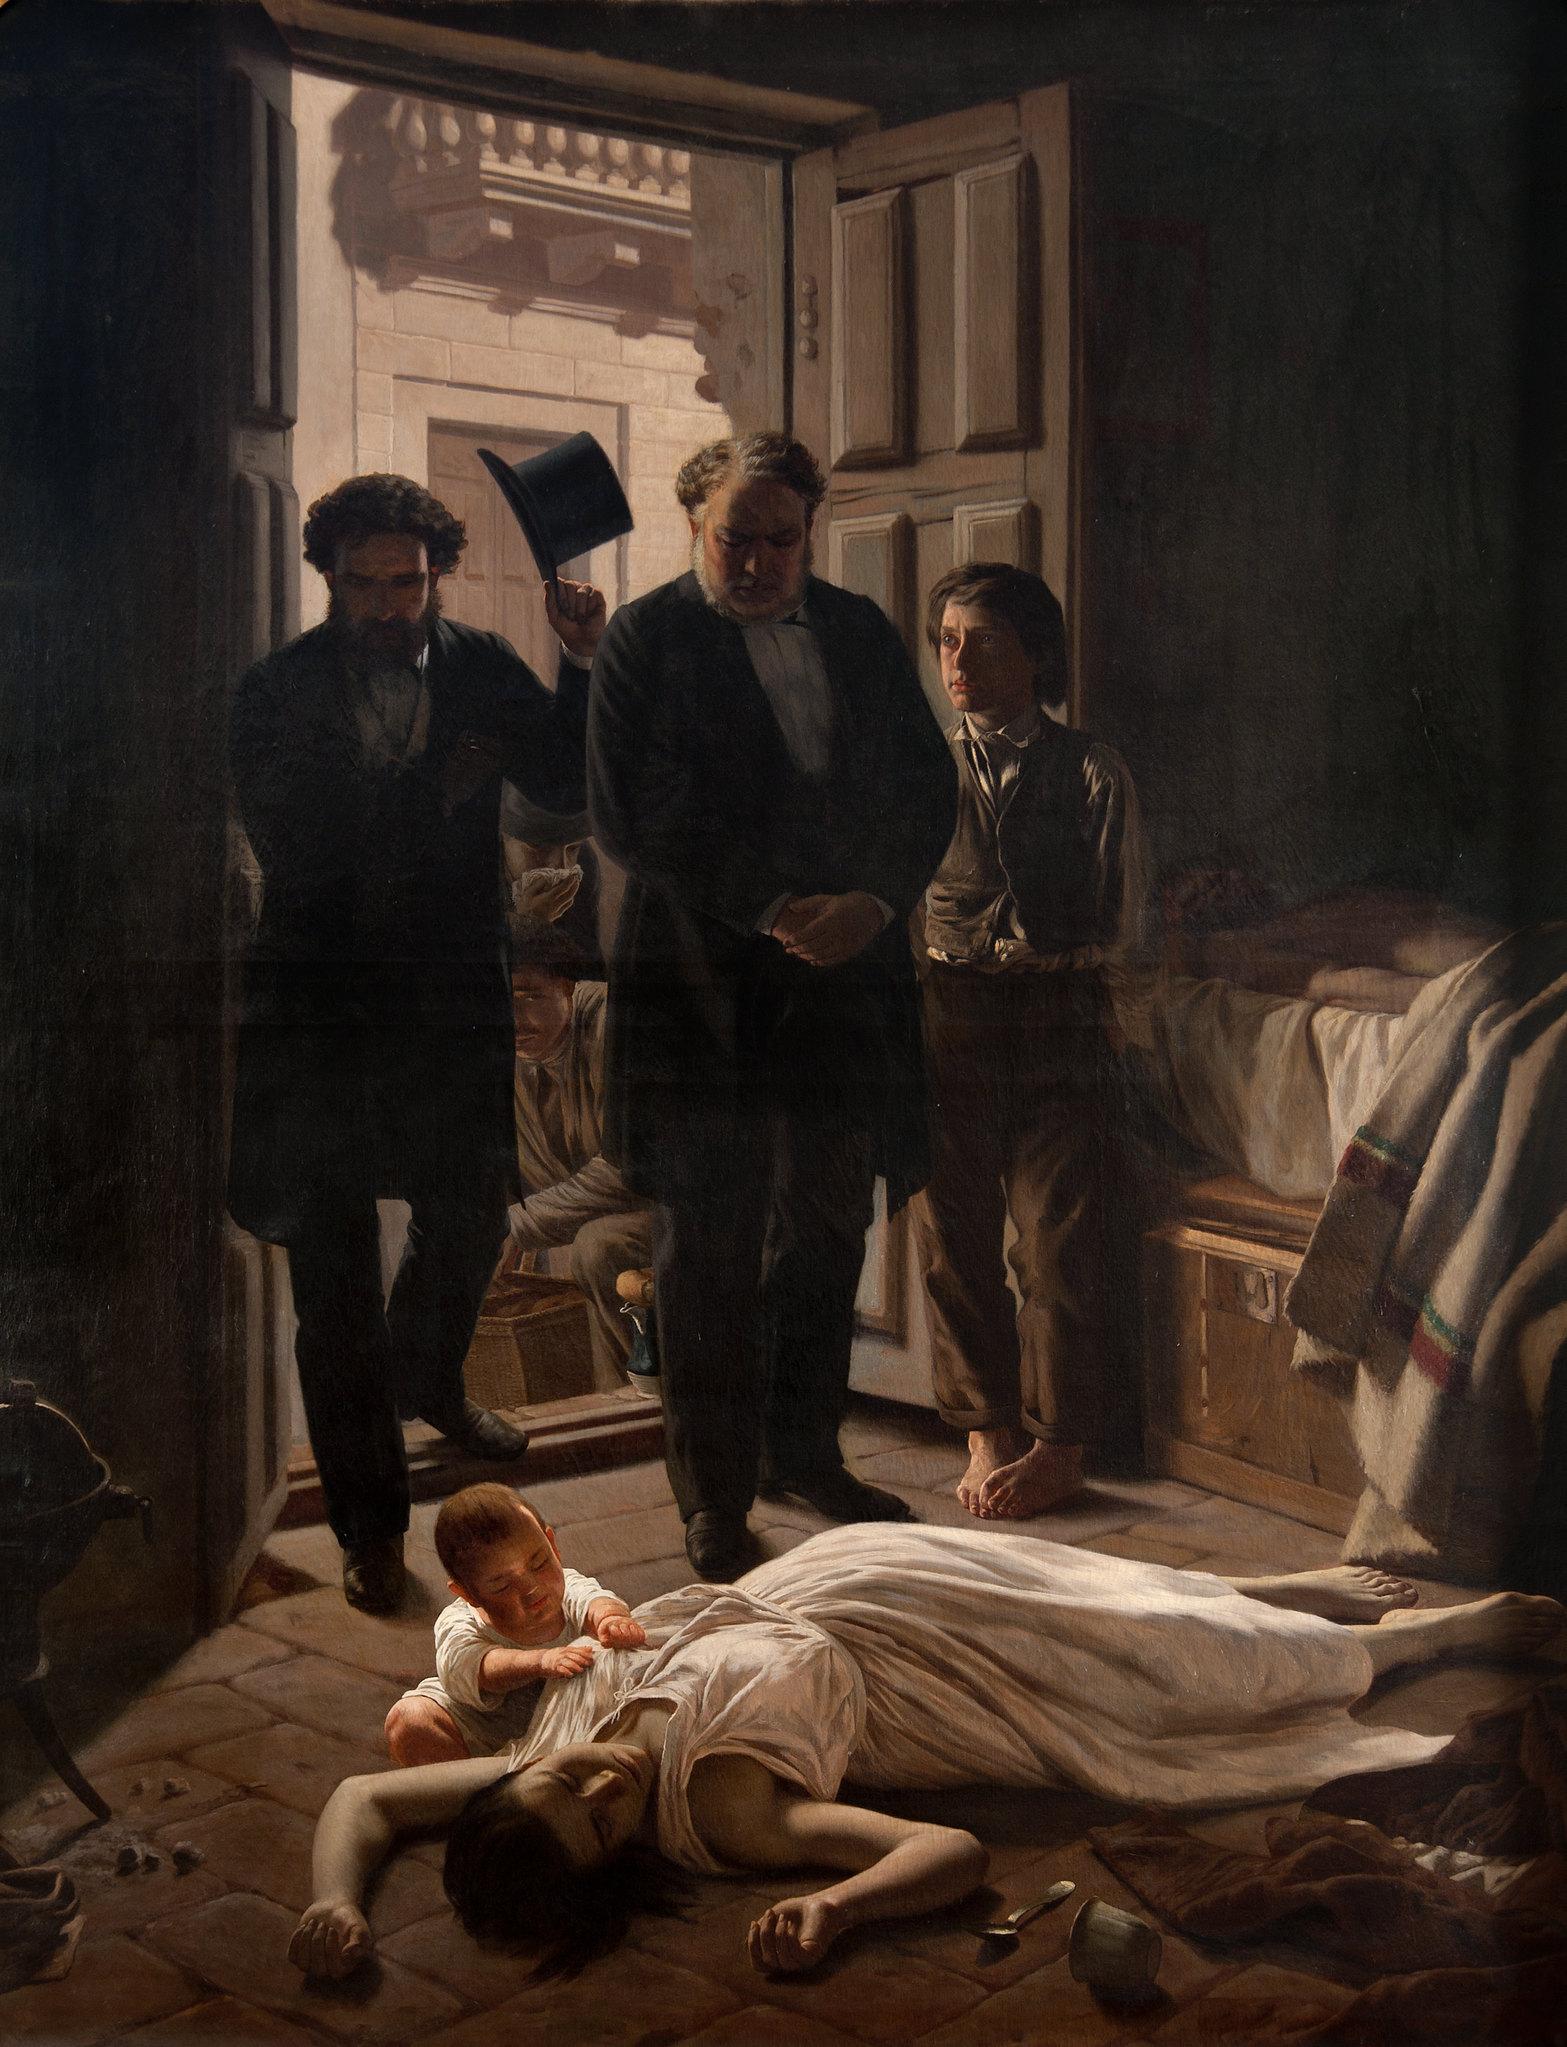 Episodio de la Fiebre Amarilla en Buenos Aires. Juan Manuel Blanes. 1871.